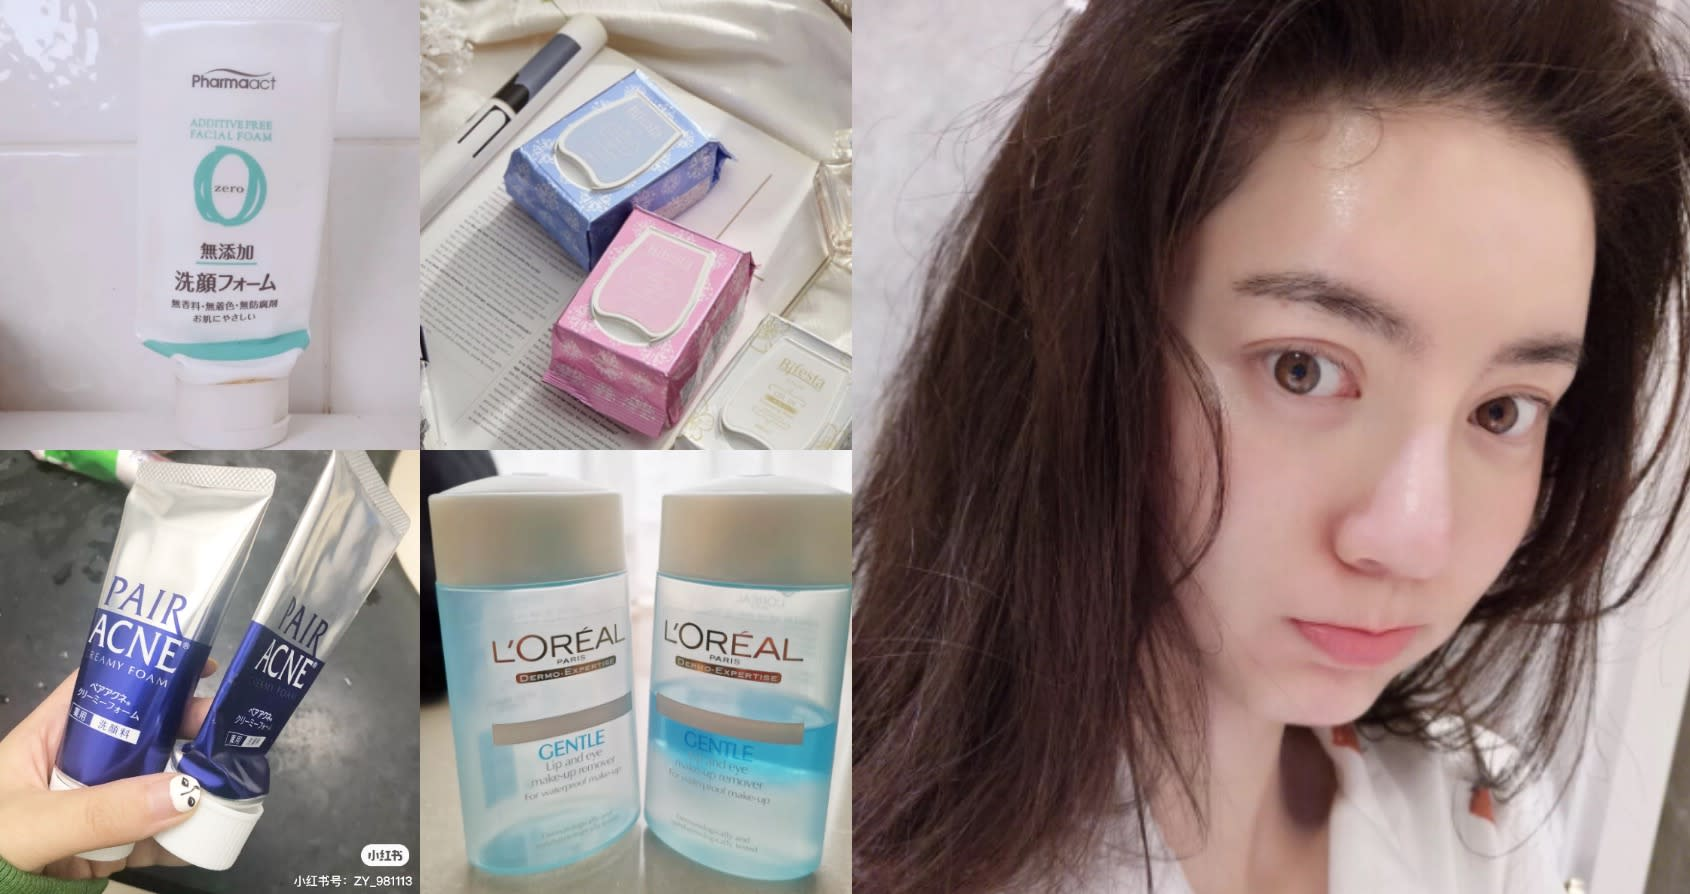 【排行榜好物】藥妝店清潔保養TOP10!洗後肌膚變好滑,便宜又好用的無添加洗面乳超熱銷